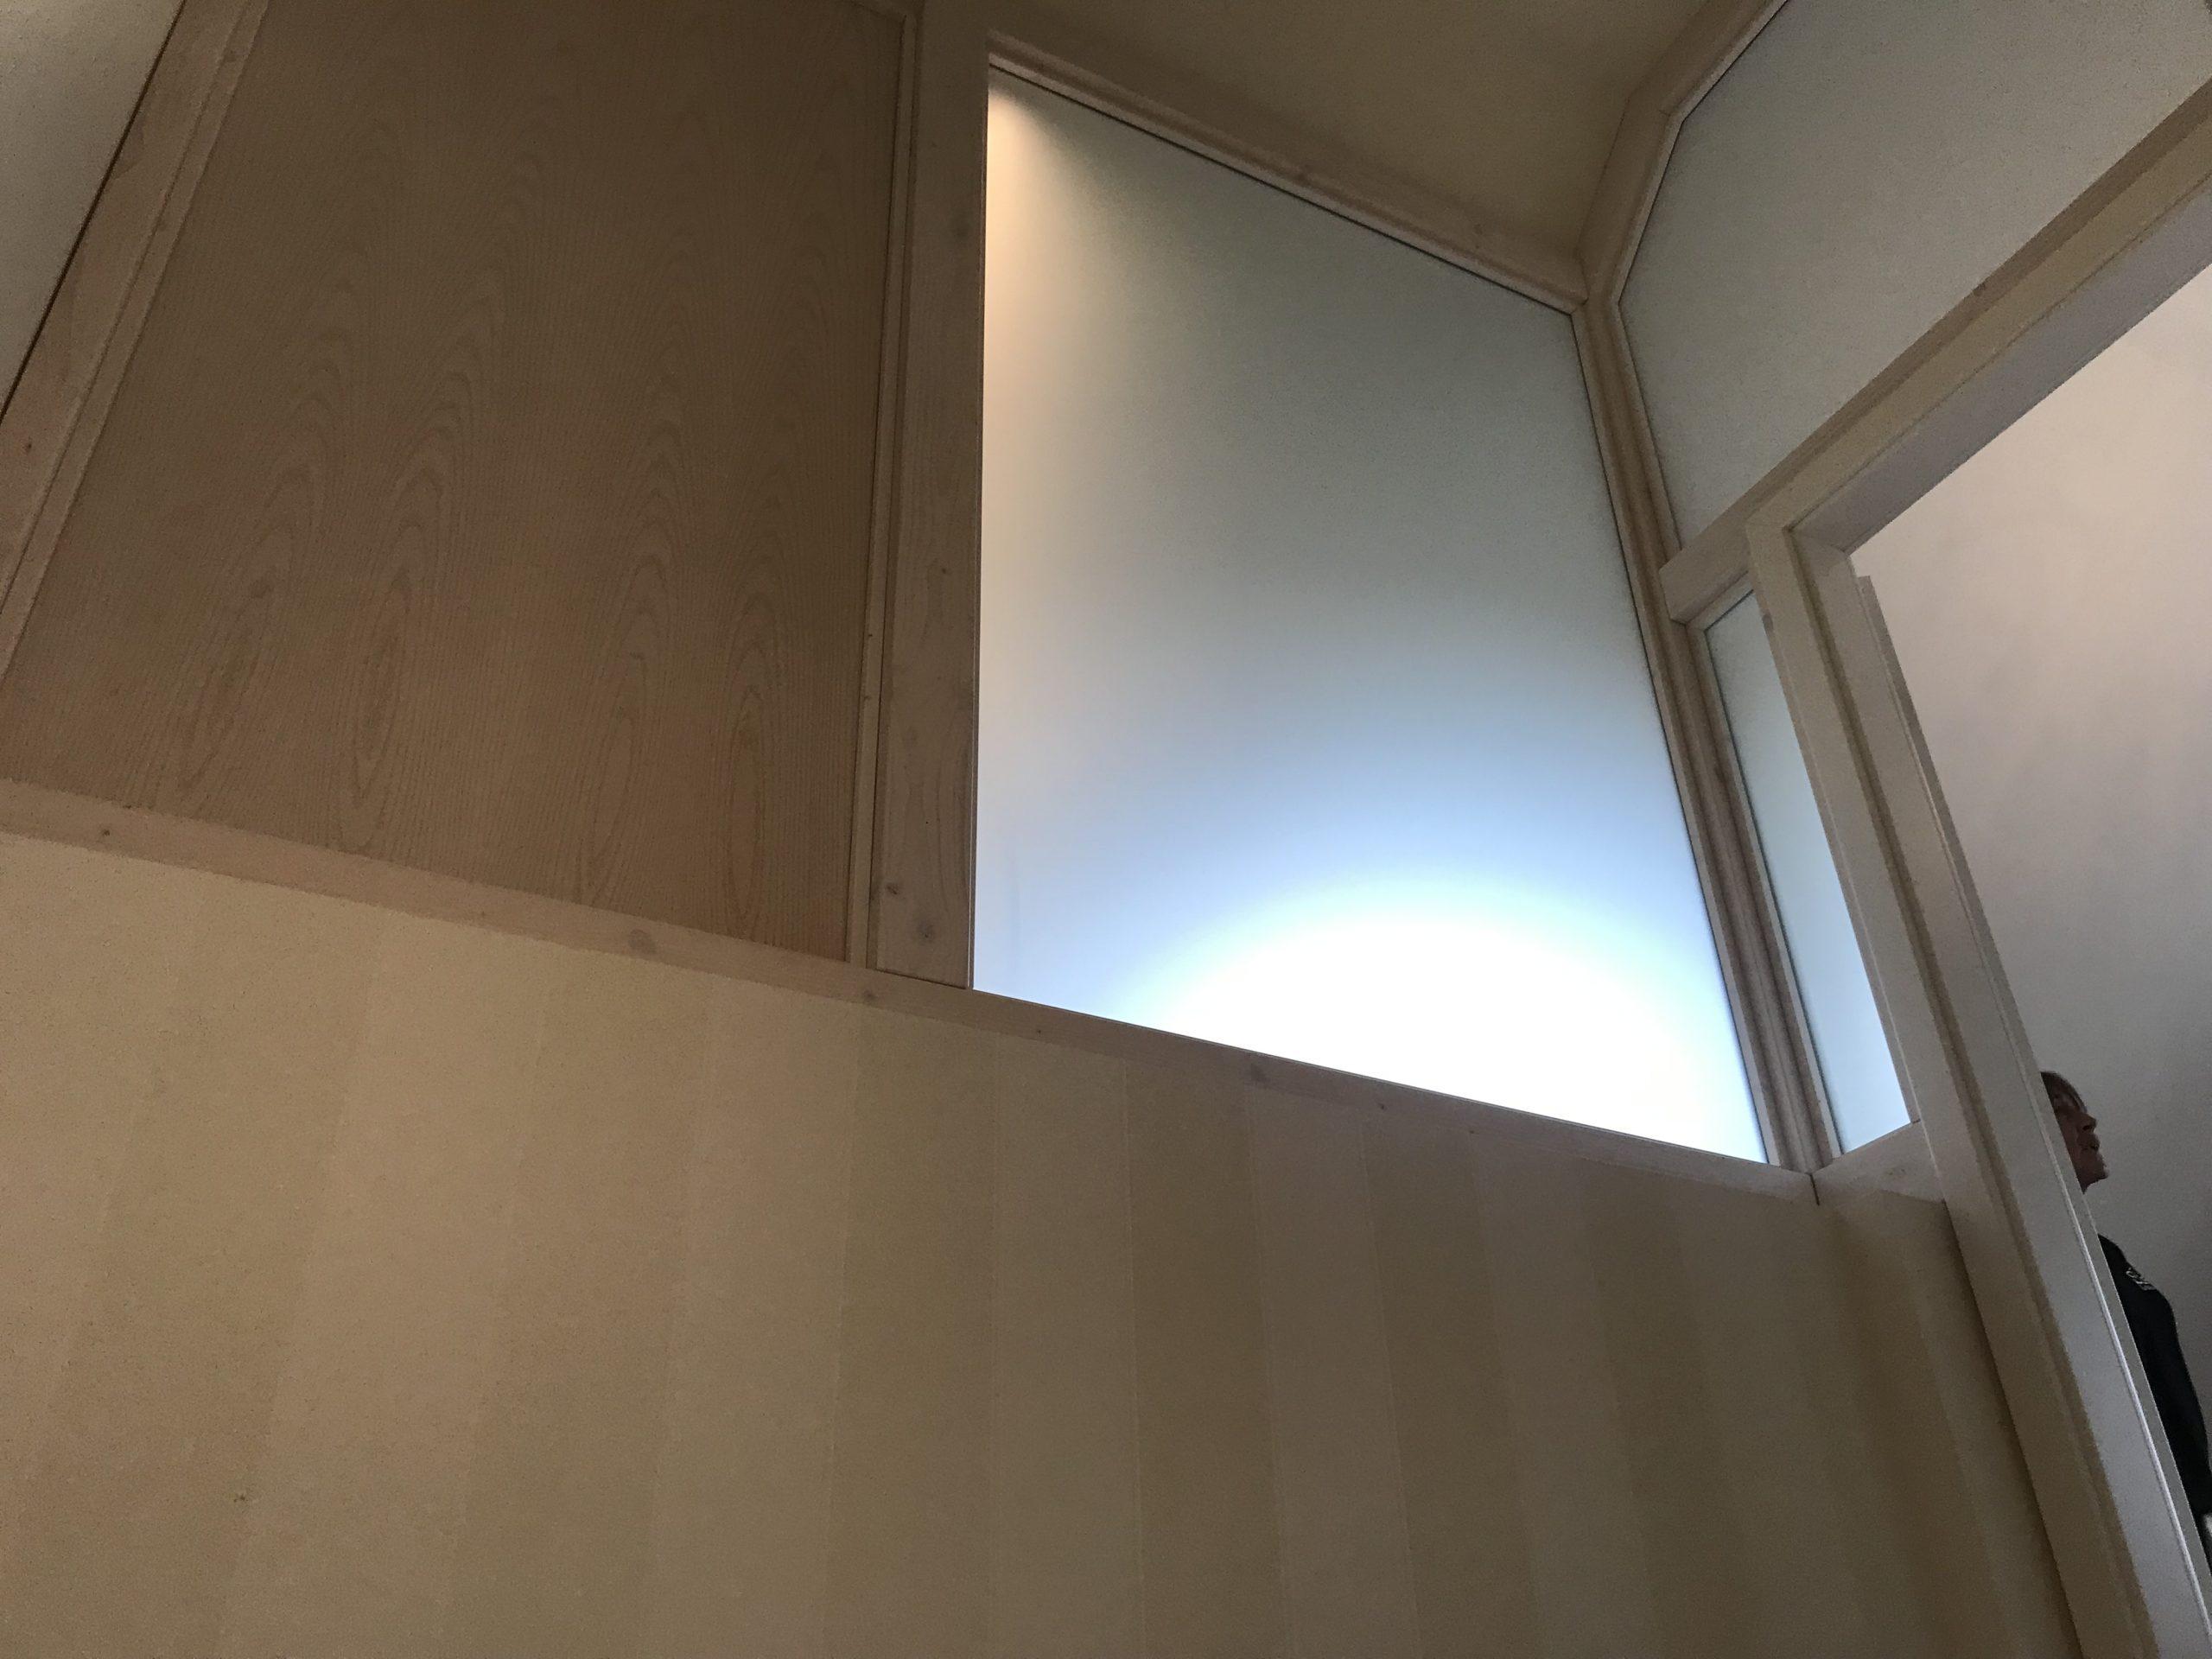 Spitzboden von Treppe aus